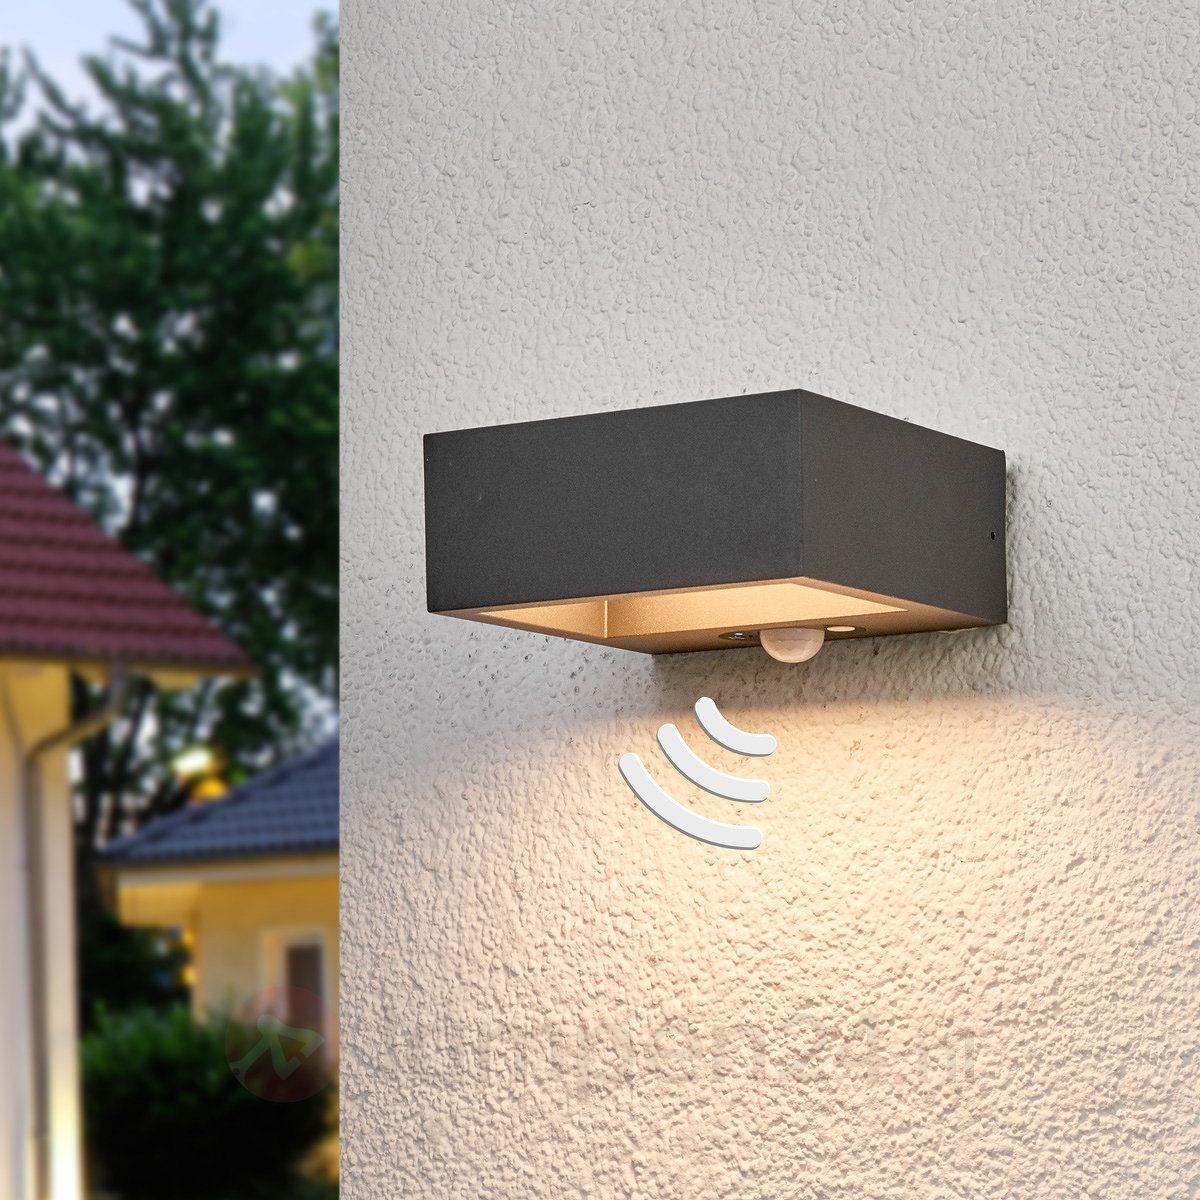 Sensor Led Buitenwandlamp Mahra Op Zonne Energie Veilig Makkelijk Online Bestellen Op Lampen24 Nl Muurverlichting Buitenverlichting Solar Tuinverlichting